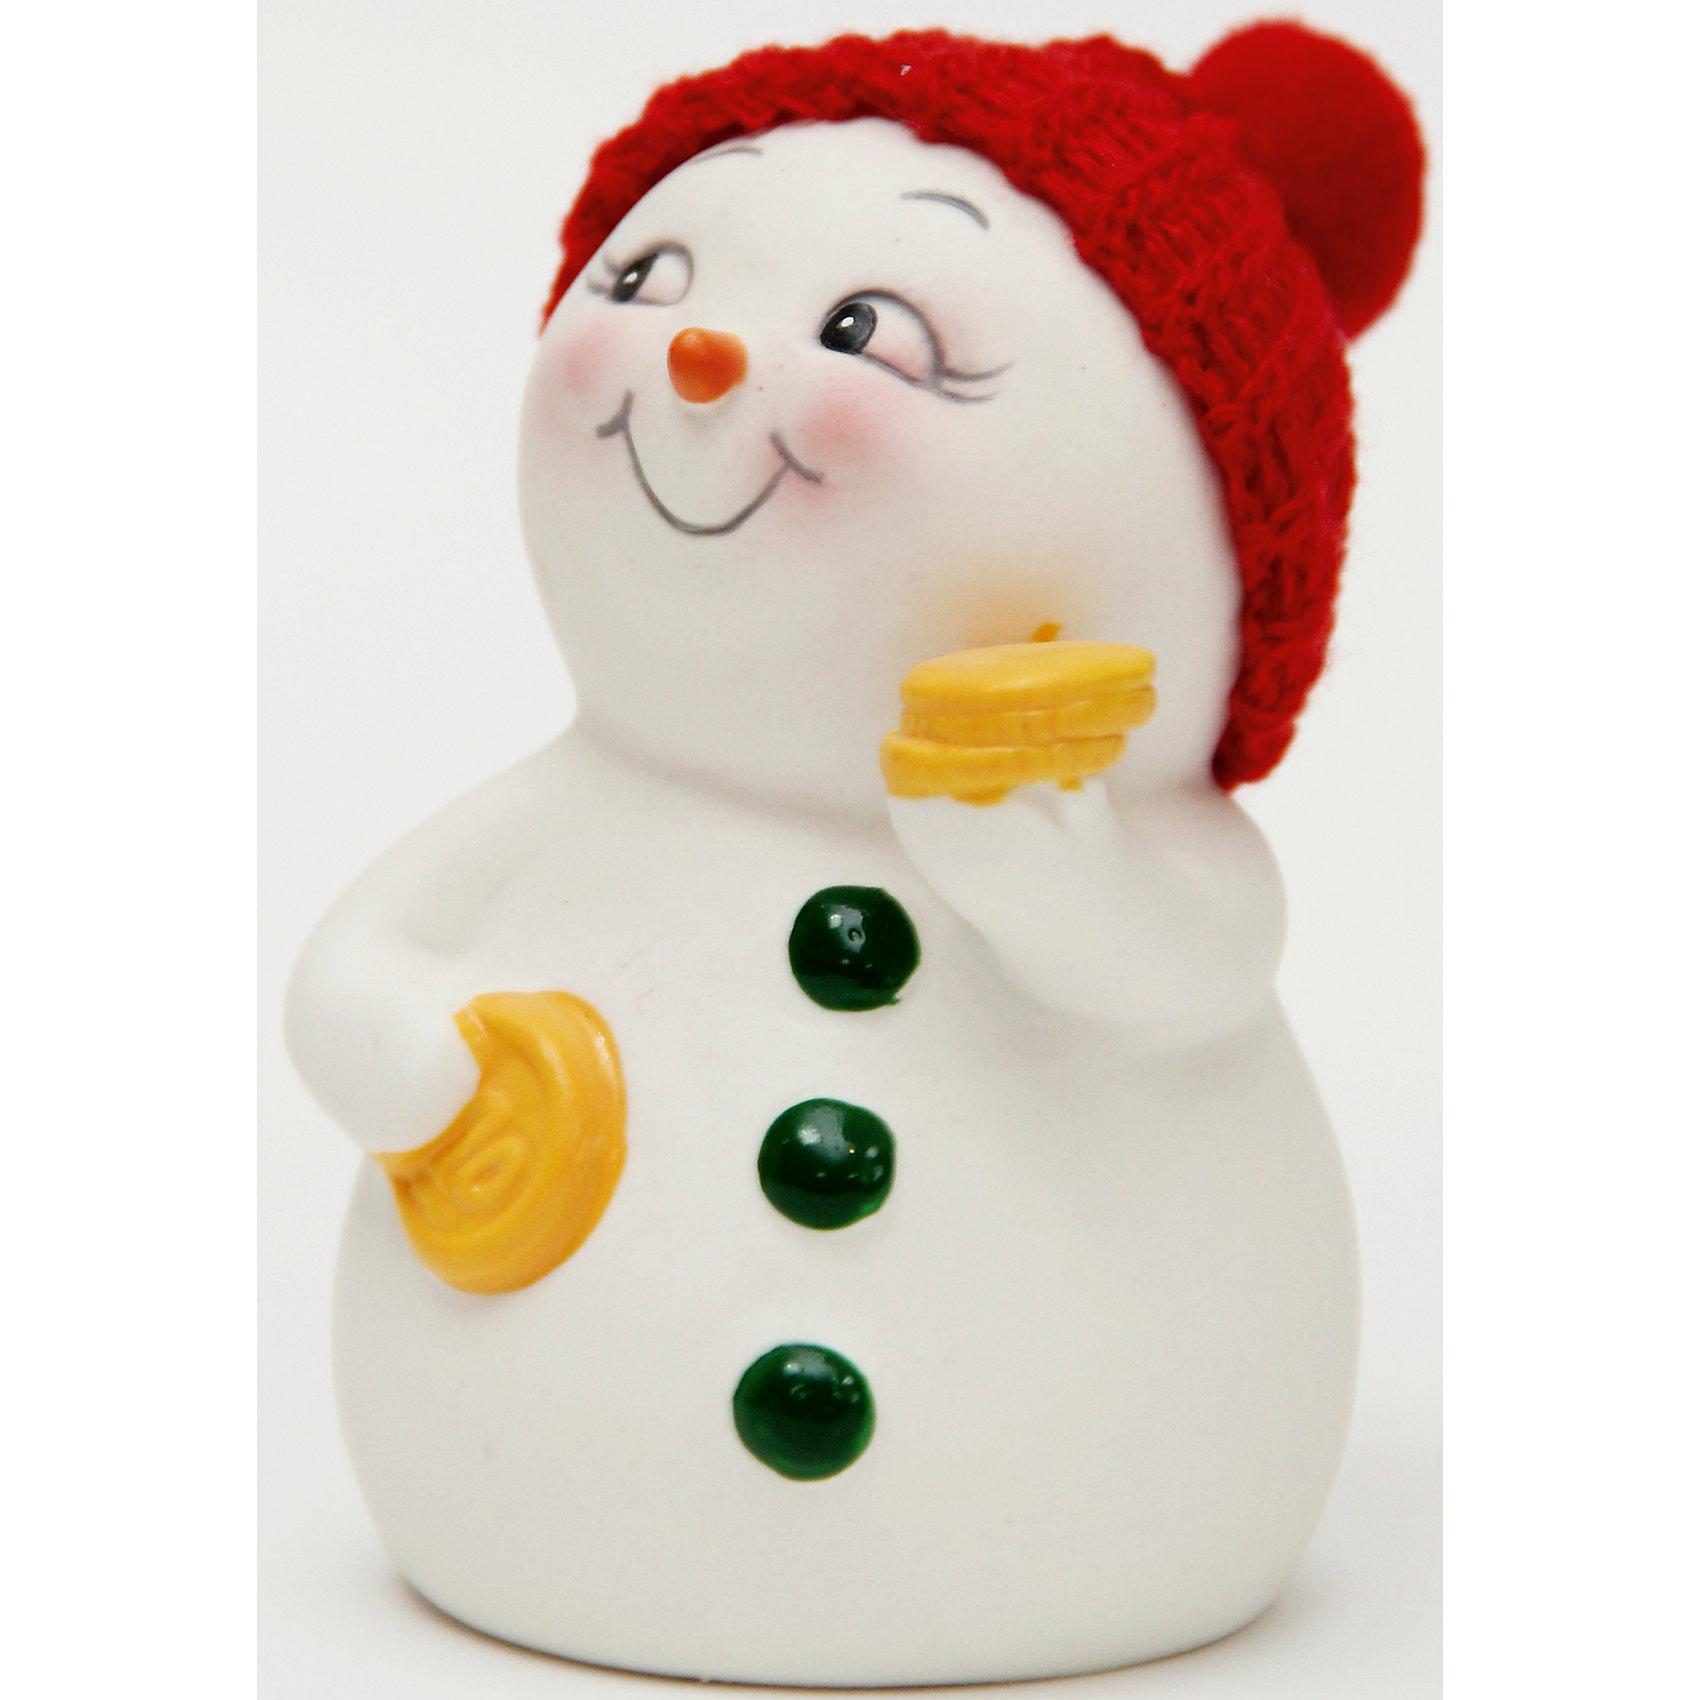 Керамический снеговик С монетамиЭта керамическая фигурка может стать отличным подарком на Новый год или украшением для дома! Особое время - сам праздник и предновогодние хлопоты - ждут не только дети, но и взрослые! Праздничное настроение создает в первую очередь украшенный дом и наряженная ёлка. <br>Эта фигурка создаст особый настрой, она выглядит очень празднично и симпатично. Изделие произведено из безопасного для детей материала. Создайте с ним праздничное настроение себе и близким!<br><br>Дополнительная информация:<br><br>цвет: разноцветный;<br>материал: керамика;<br>размер: 8 см.<br><br>Керамический снеговик С монетами можно купить в нашем магазине.<br><br>Ширина мм: 150<br>Глубина мм: 150<br>Высота мм: 60<br>Вес г: 104<br>Возраст от месяцев: 36<br>Возраст до месяцев: 2147483647<br>Пол: Унисекс<br>Возраст: Детский<br>SKU: 4981674